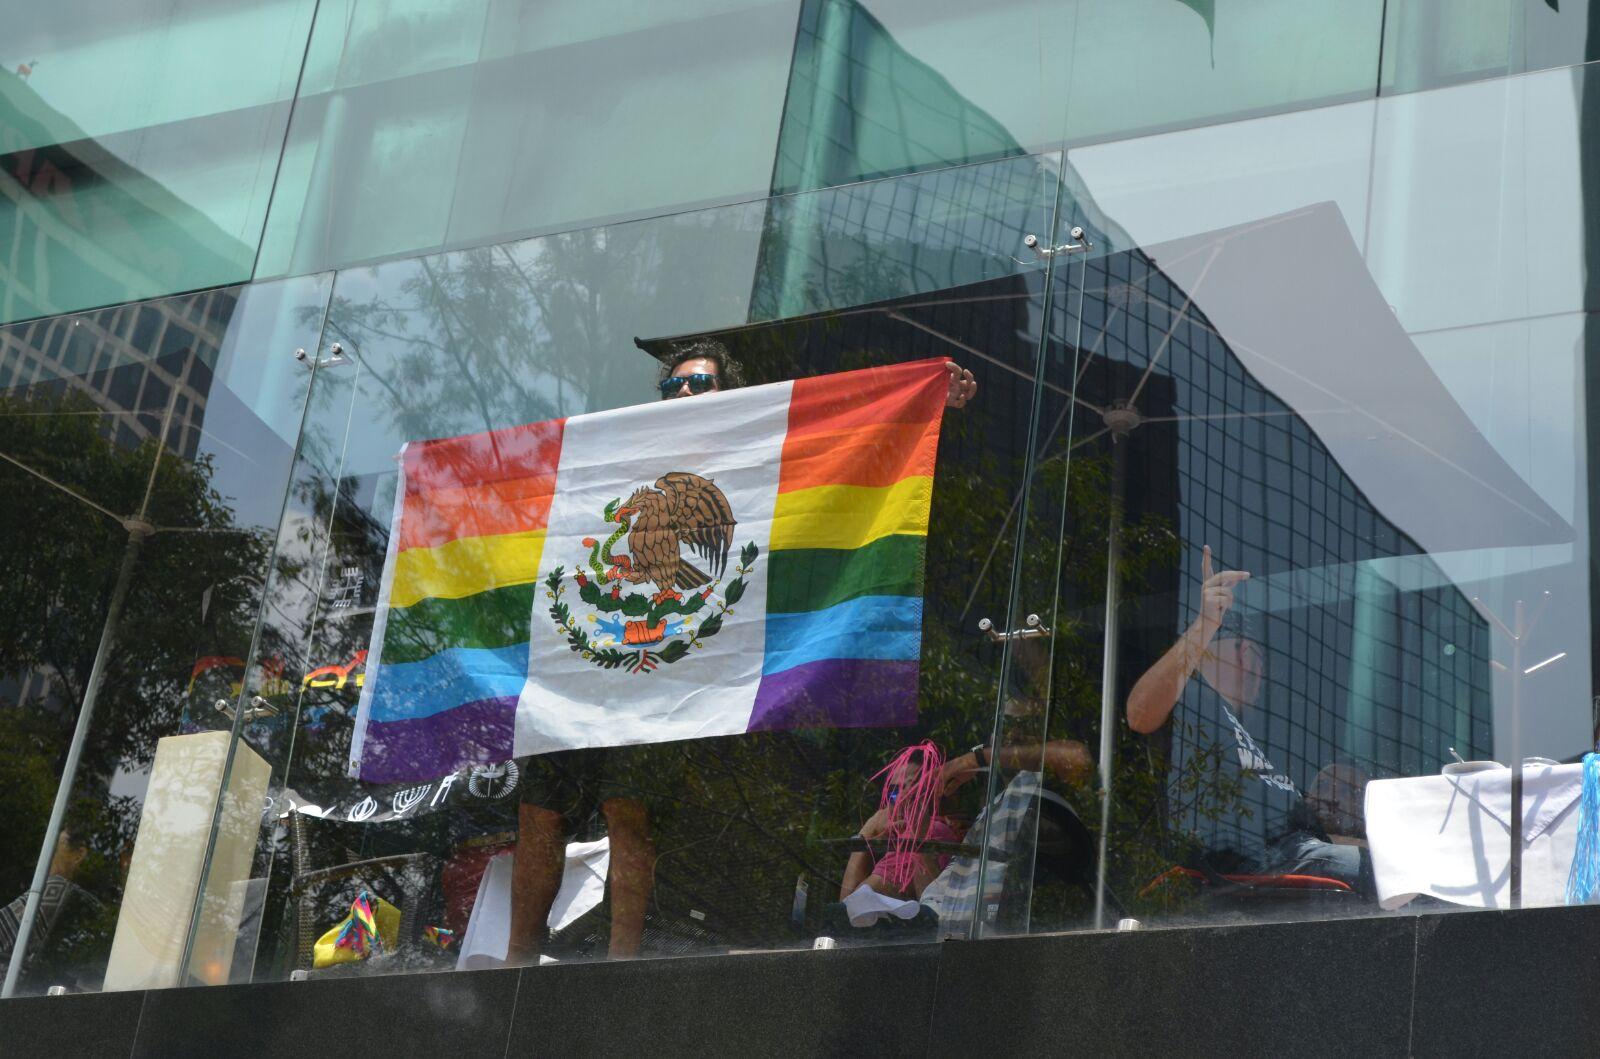 Así vio la marcha LGBT 2017 CDMX un niño de 10